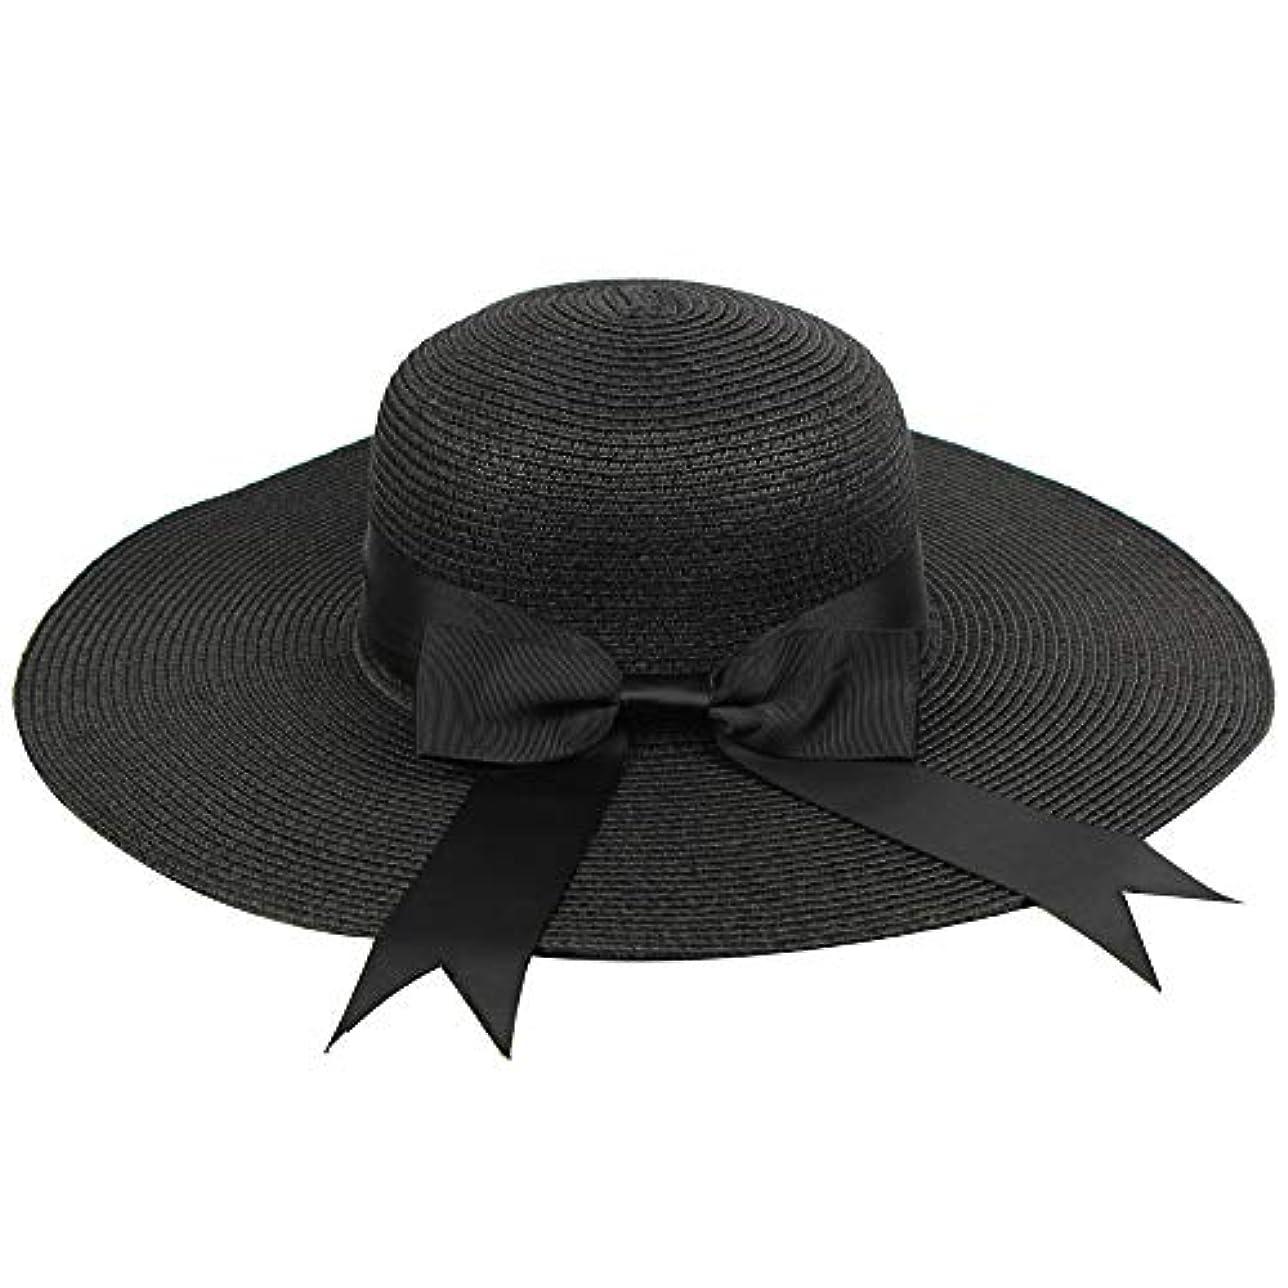 写真撮影暫定料理UVカット 帽子 ハット レディース 紫外線対策 日焼け防止 軽量 熱中症予防 取り外すあご紐 つば広 おしゃれ 広幅 小顔効果抜群 折りたたみ サイズ調節可 旅行 調節テープ 吸汗通気 紫外線対策 ROSE ROMAN